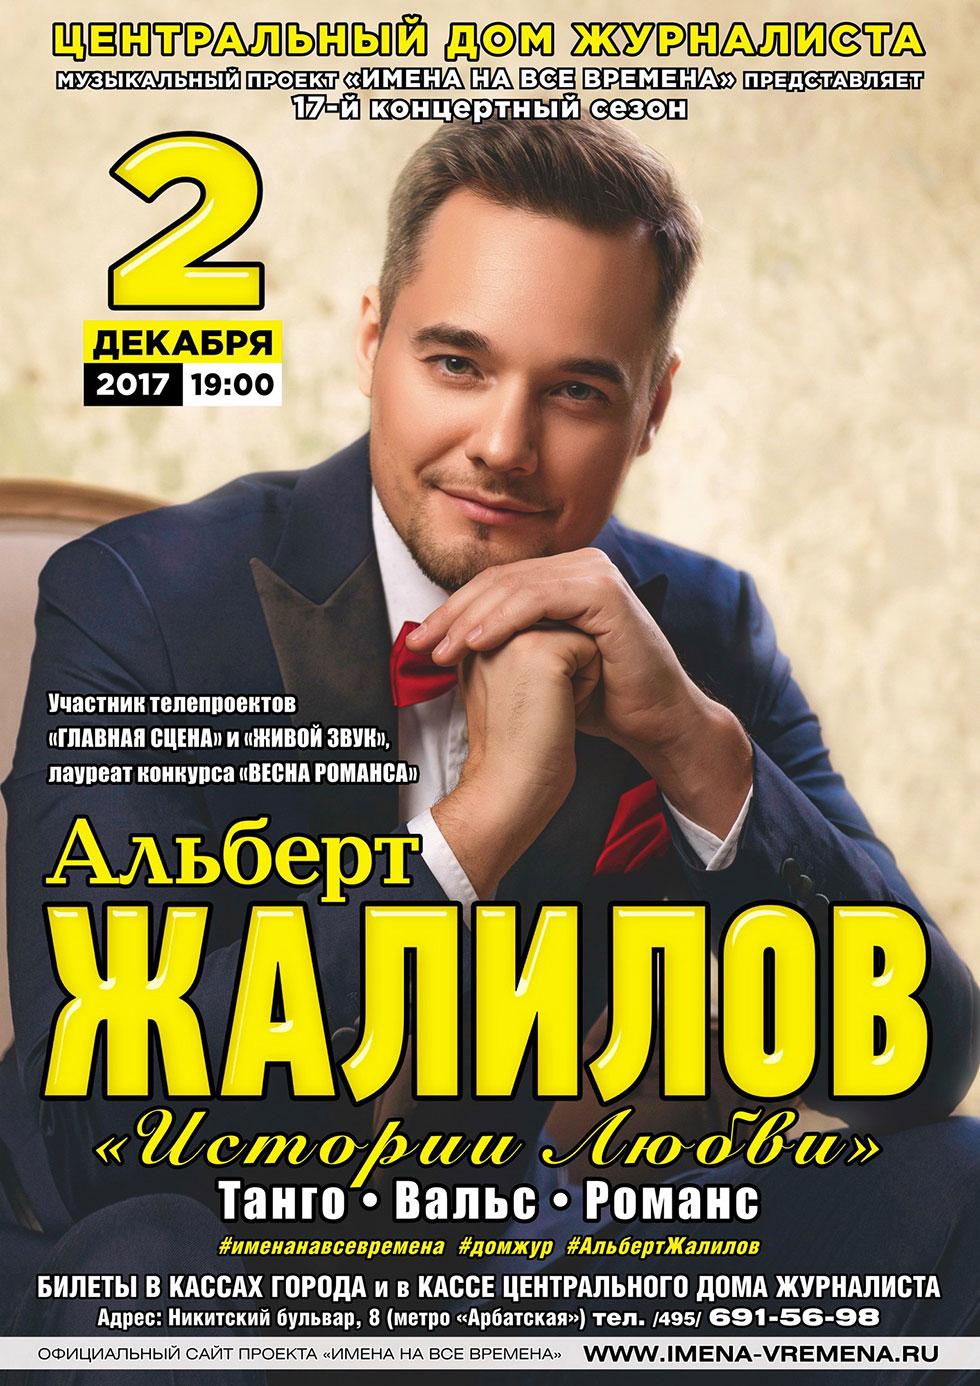 Альберт Жалилов. Концерт История Любви 2 декабря 2017 года в ДомЖуре, МОсква